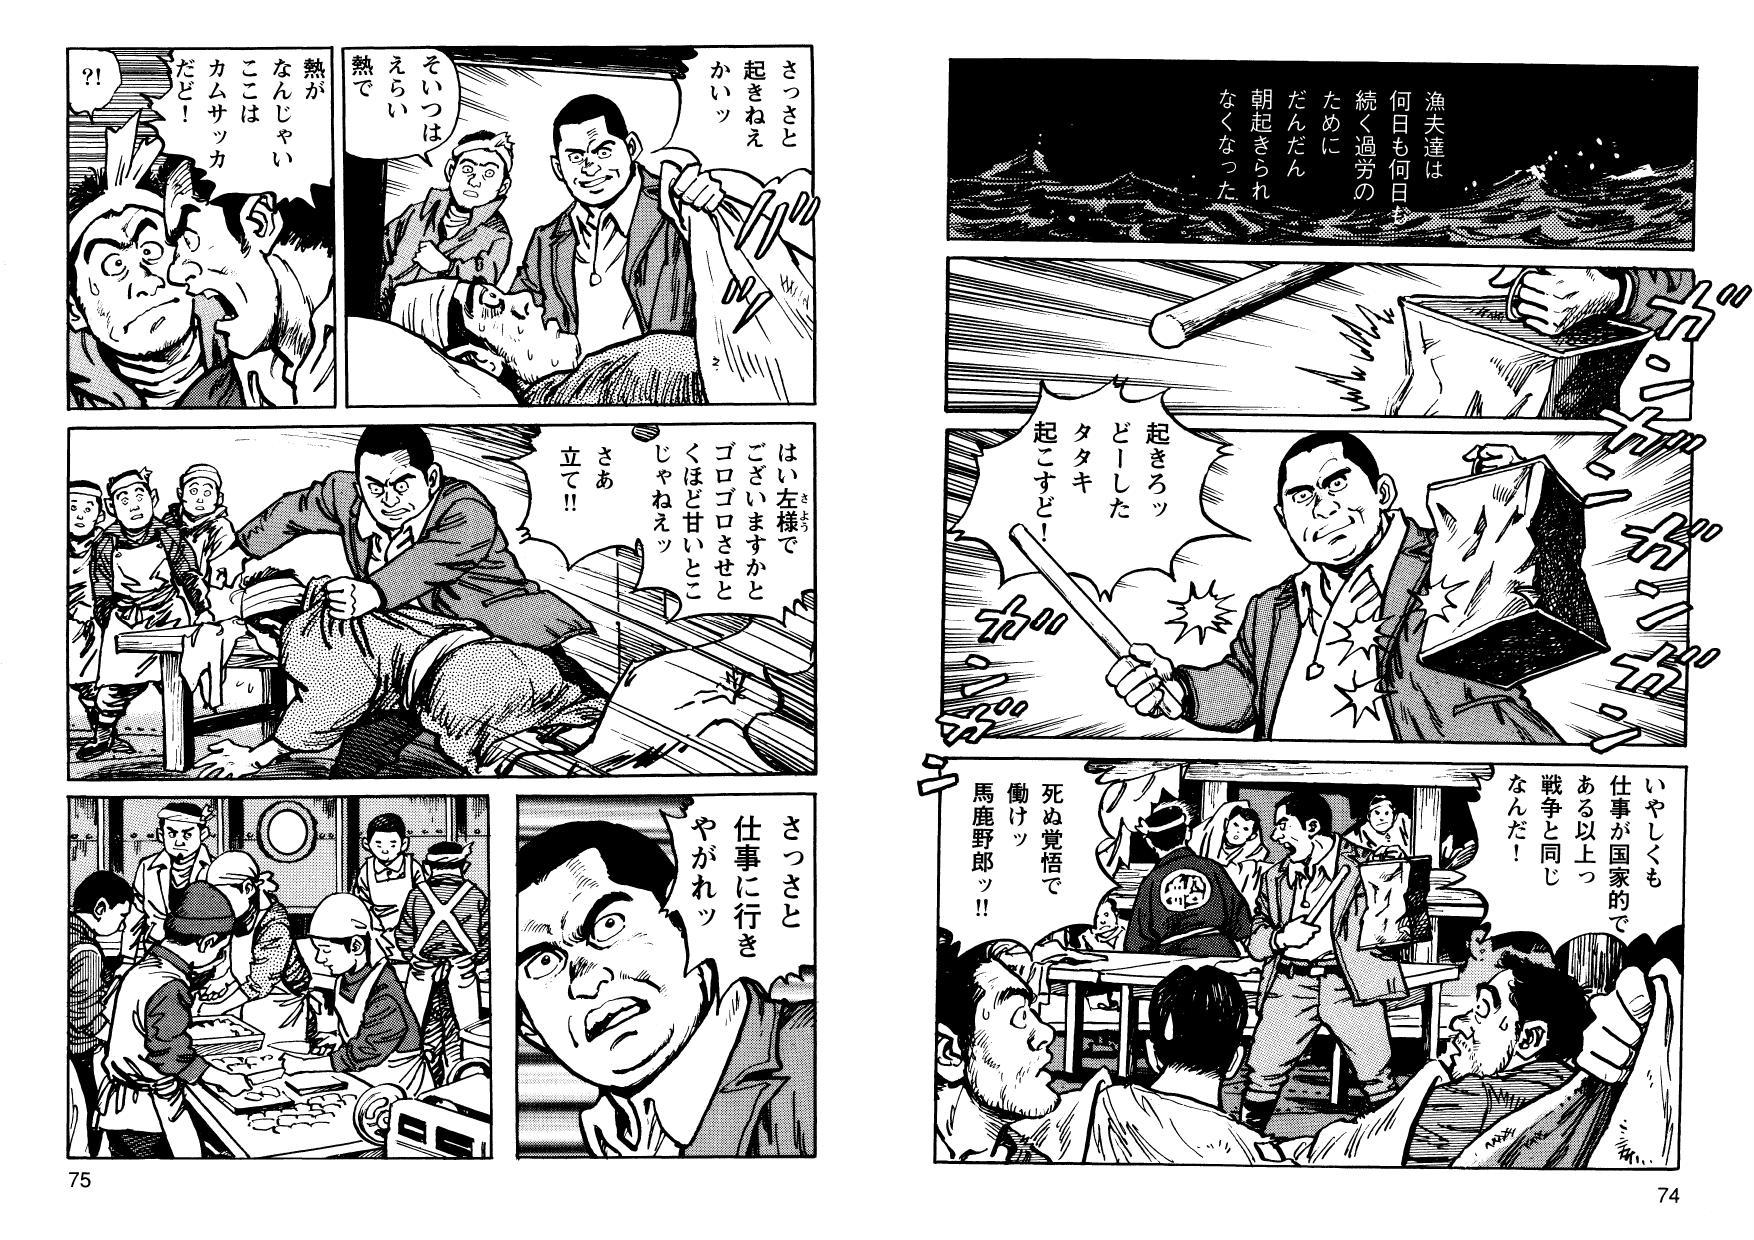 kani_cmc_000038.jpg